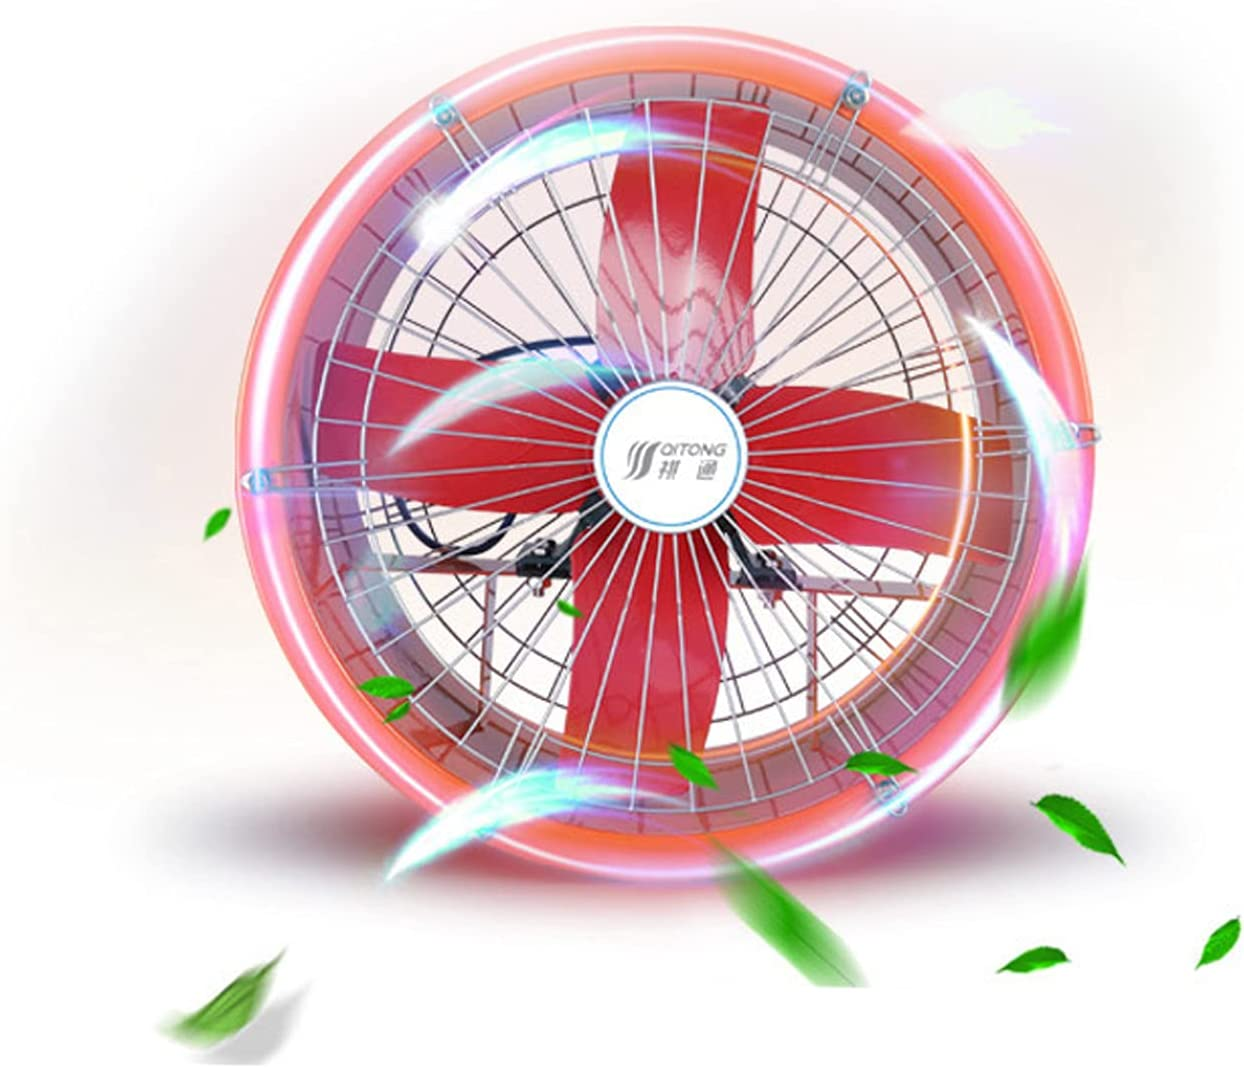 EWYI 24'' Ventilador De Ventilación Industrial, Extractor Doméstico, Humos De Cocina, Extractor Reproducción Alta Potencia, Ventilador Flujo Axial para Fábricas, Salas Pr